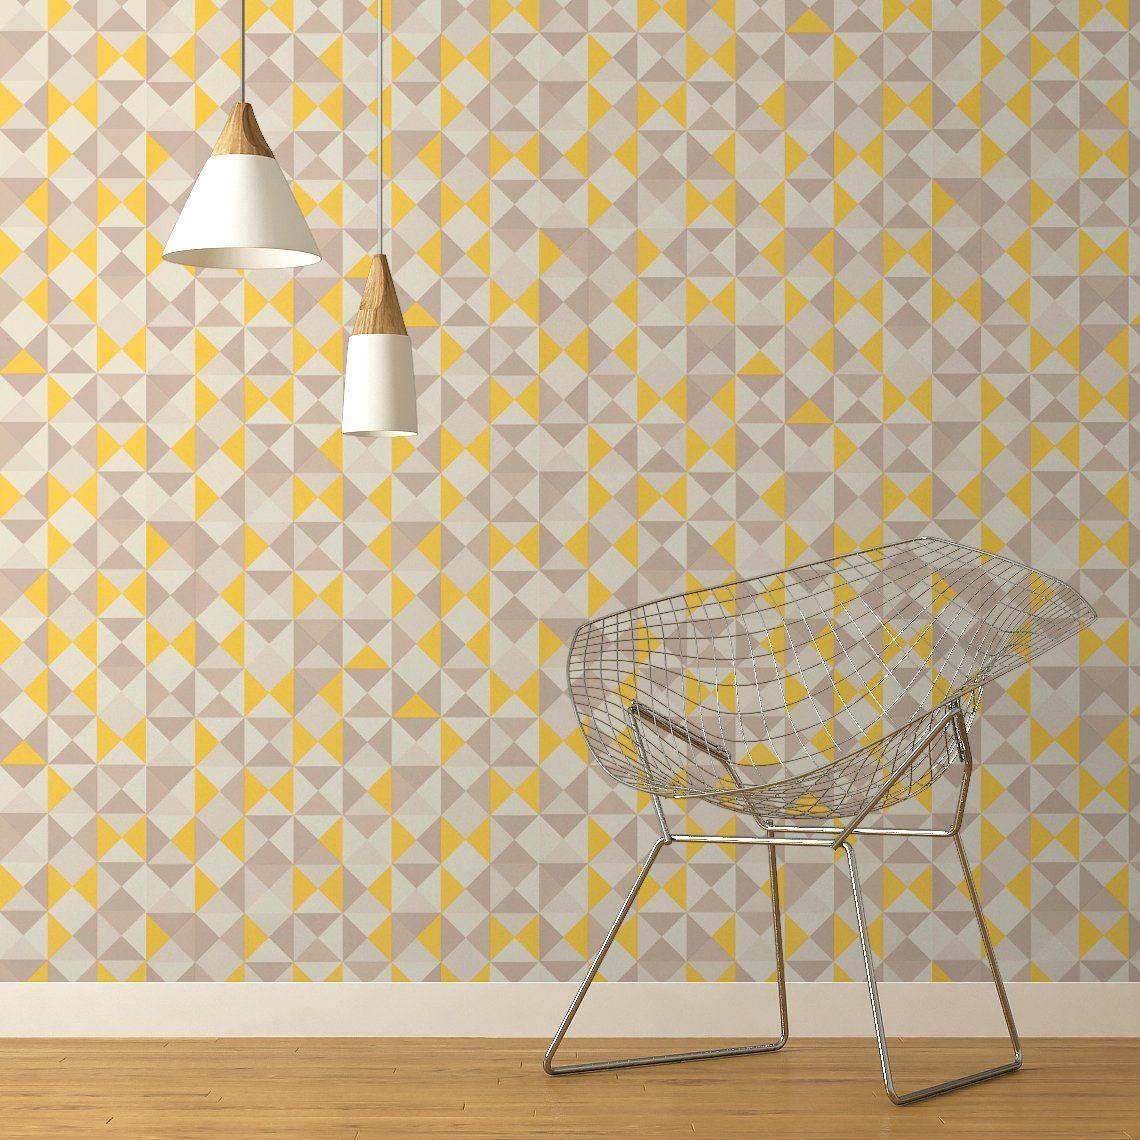 Papier peint acapulco vinyle sur intissé géométrique jaune